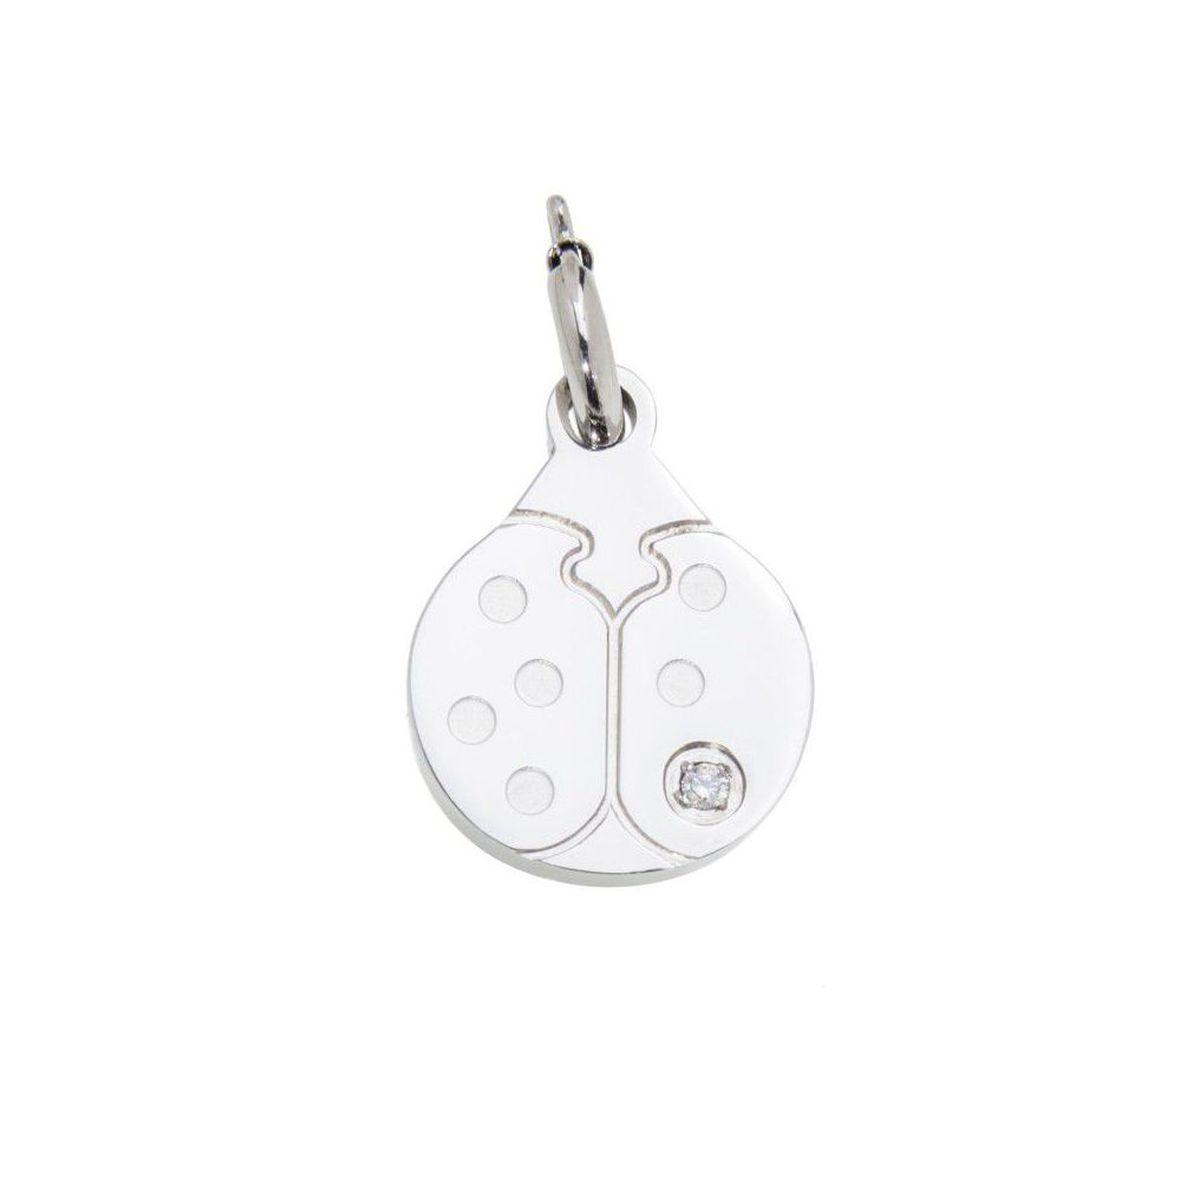 Ladybug steel charm with zircon Steel Marlù